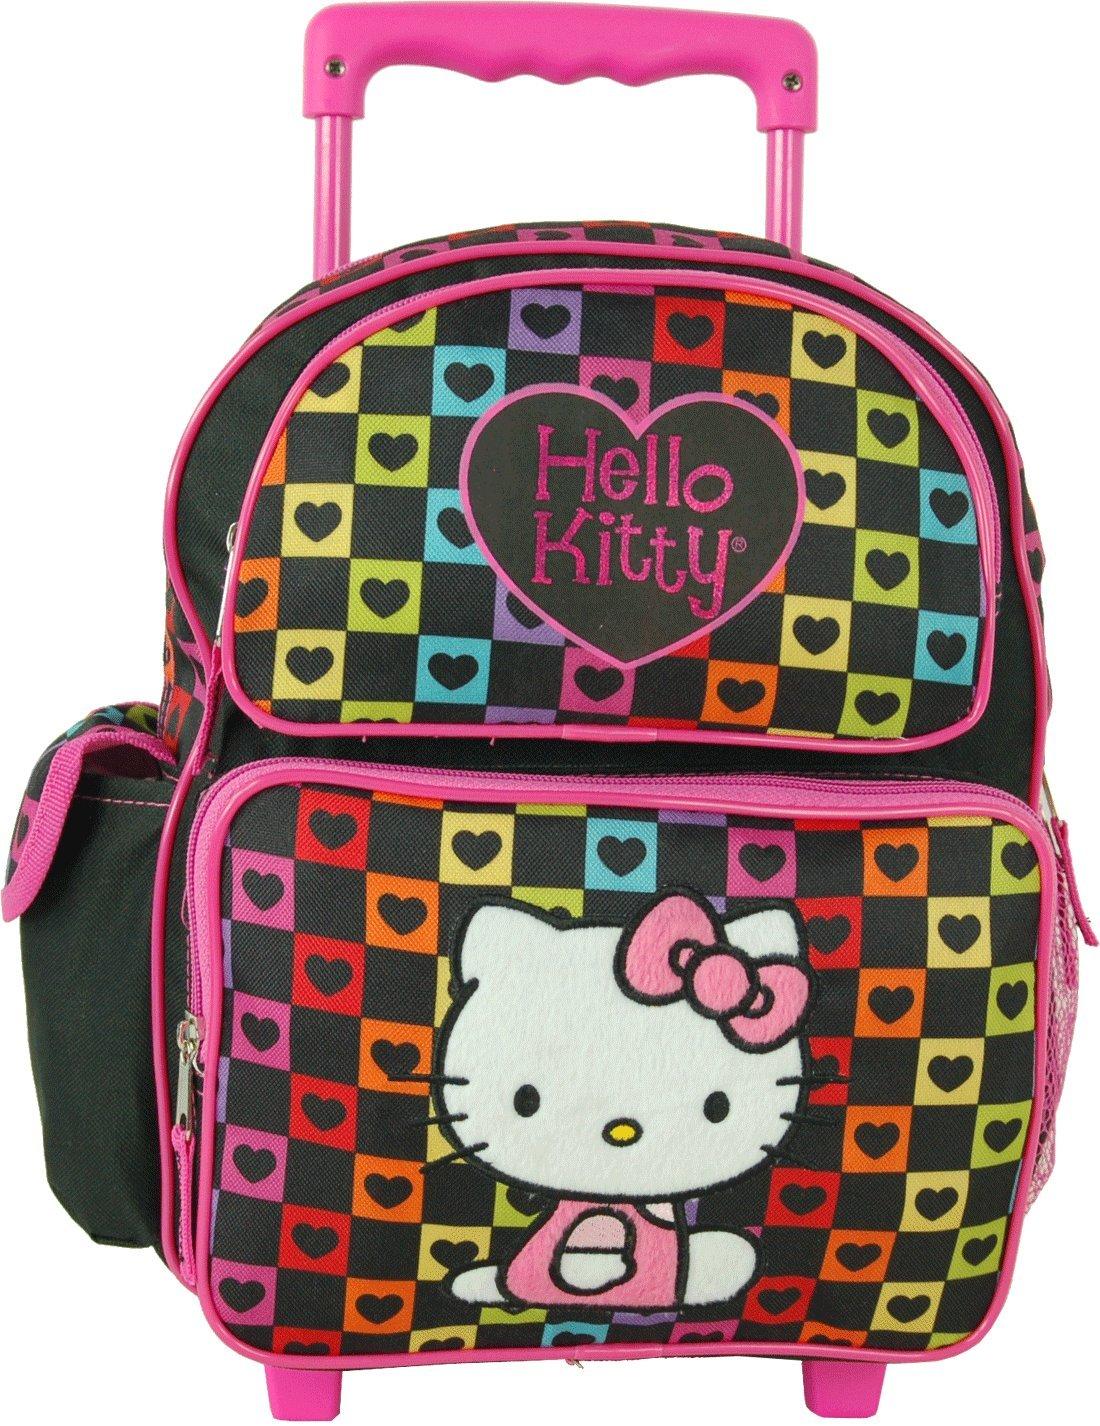 [ファブ]FAB Hello Kitty Toddler 12 Rolling Backpack LYSB009W97YVI-TOYS [並行輸入品]   B009W97YVI